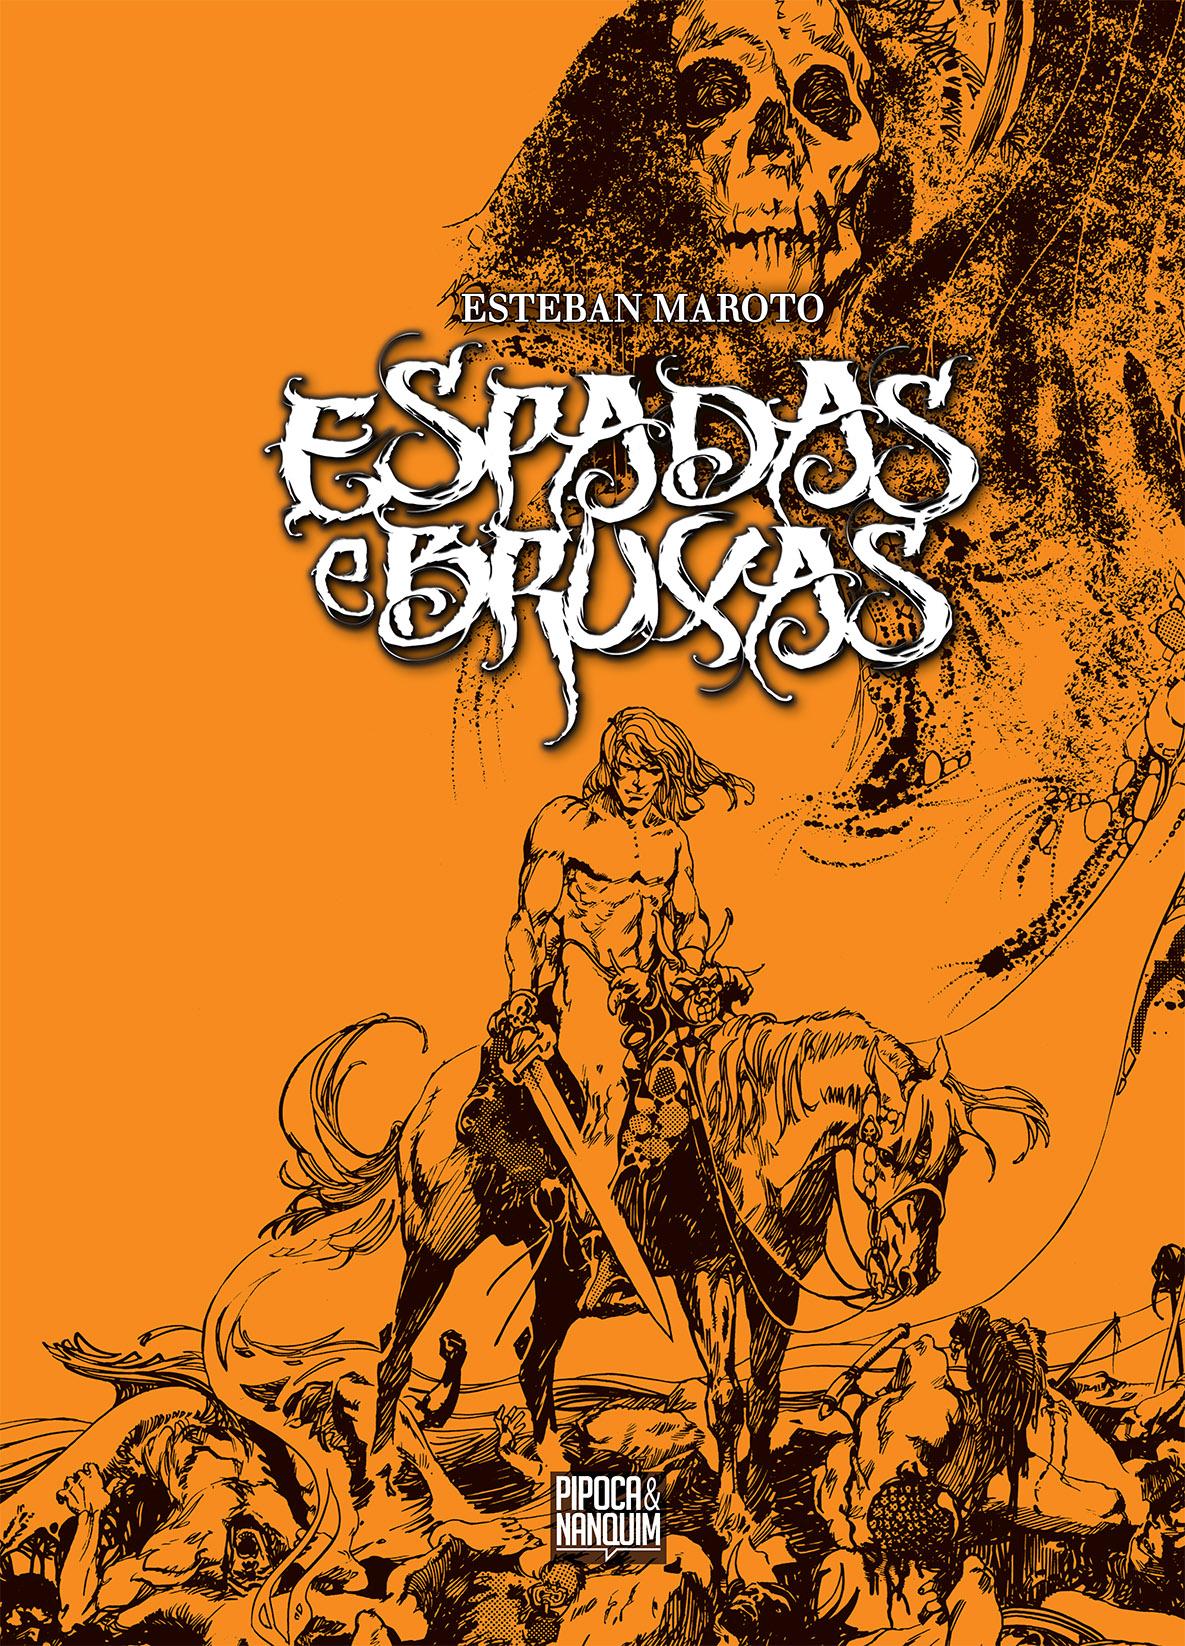 ESPADASBRUXAS_CAPA.indd